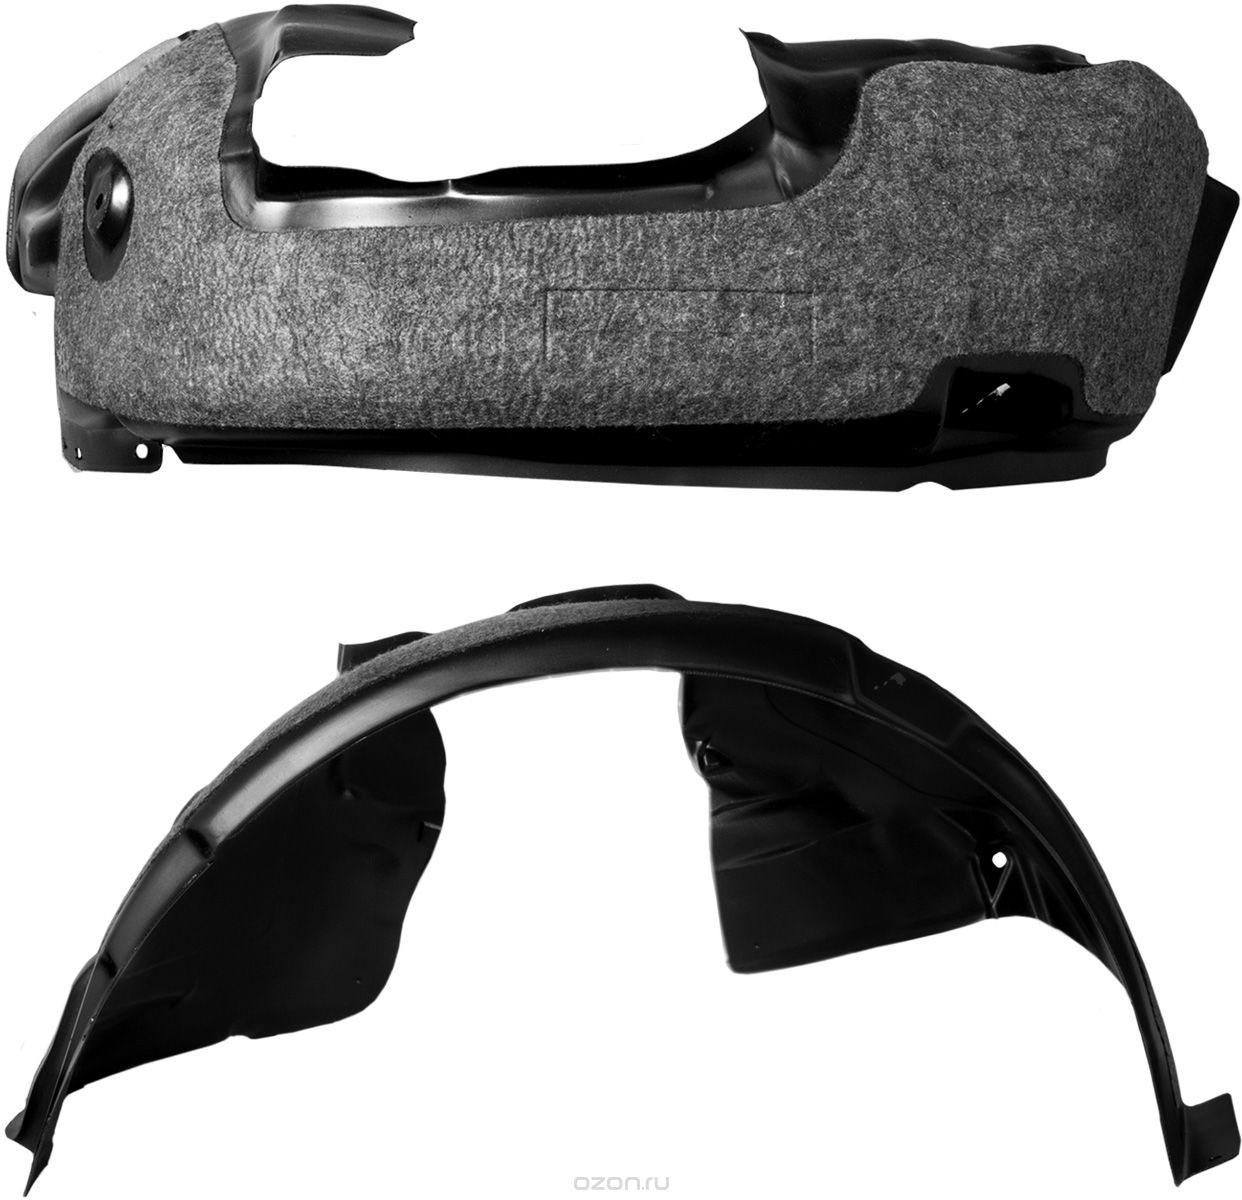 Подкрылок Novline-Autofamily с шумоизоляцией, для RAVON Nexia R3, 03/2016->, передний правыйNLS.102.02.002Идеальная защита колесной ниши. Локеры разработаны с применением цифровых технологий, гарантируют максимальную повторяемость поверхности арки. Изделия устанавливаются без нарушения лакокрасочного покрытия автомобиля, каждый подкрылок комплектуется крепежом. Уважаемые клиенты, обращаем ваше внимание, что фотографии на подкрылки универсальные и не отражают реальную форму изделия. При этом само изделие идет точно под размер указанного автомобиля.